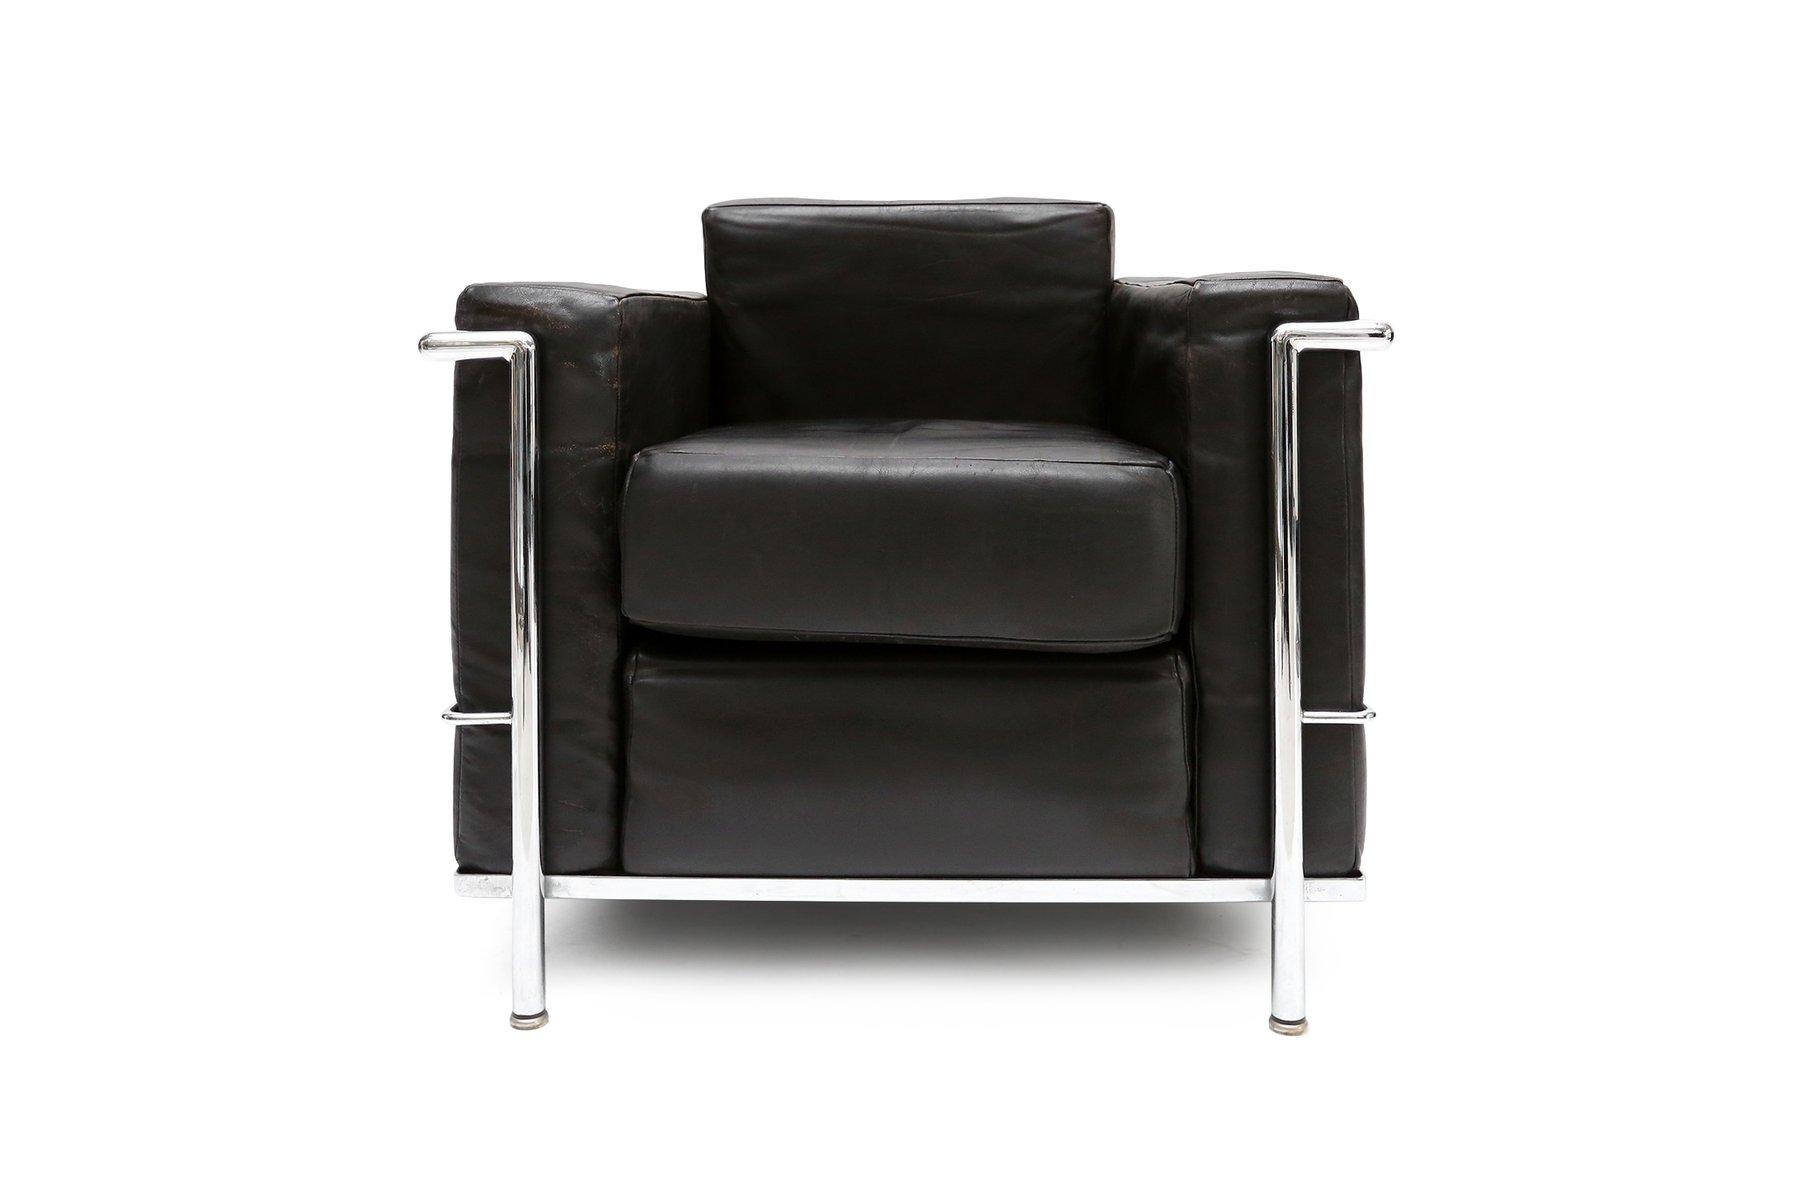 Sedia le corbusier sedia lc le corbusier nero with sedia - Sedia le corbusier prezzo ...